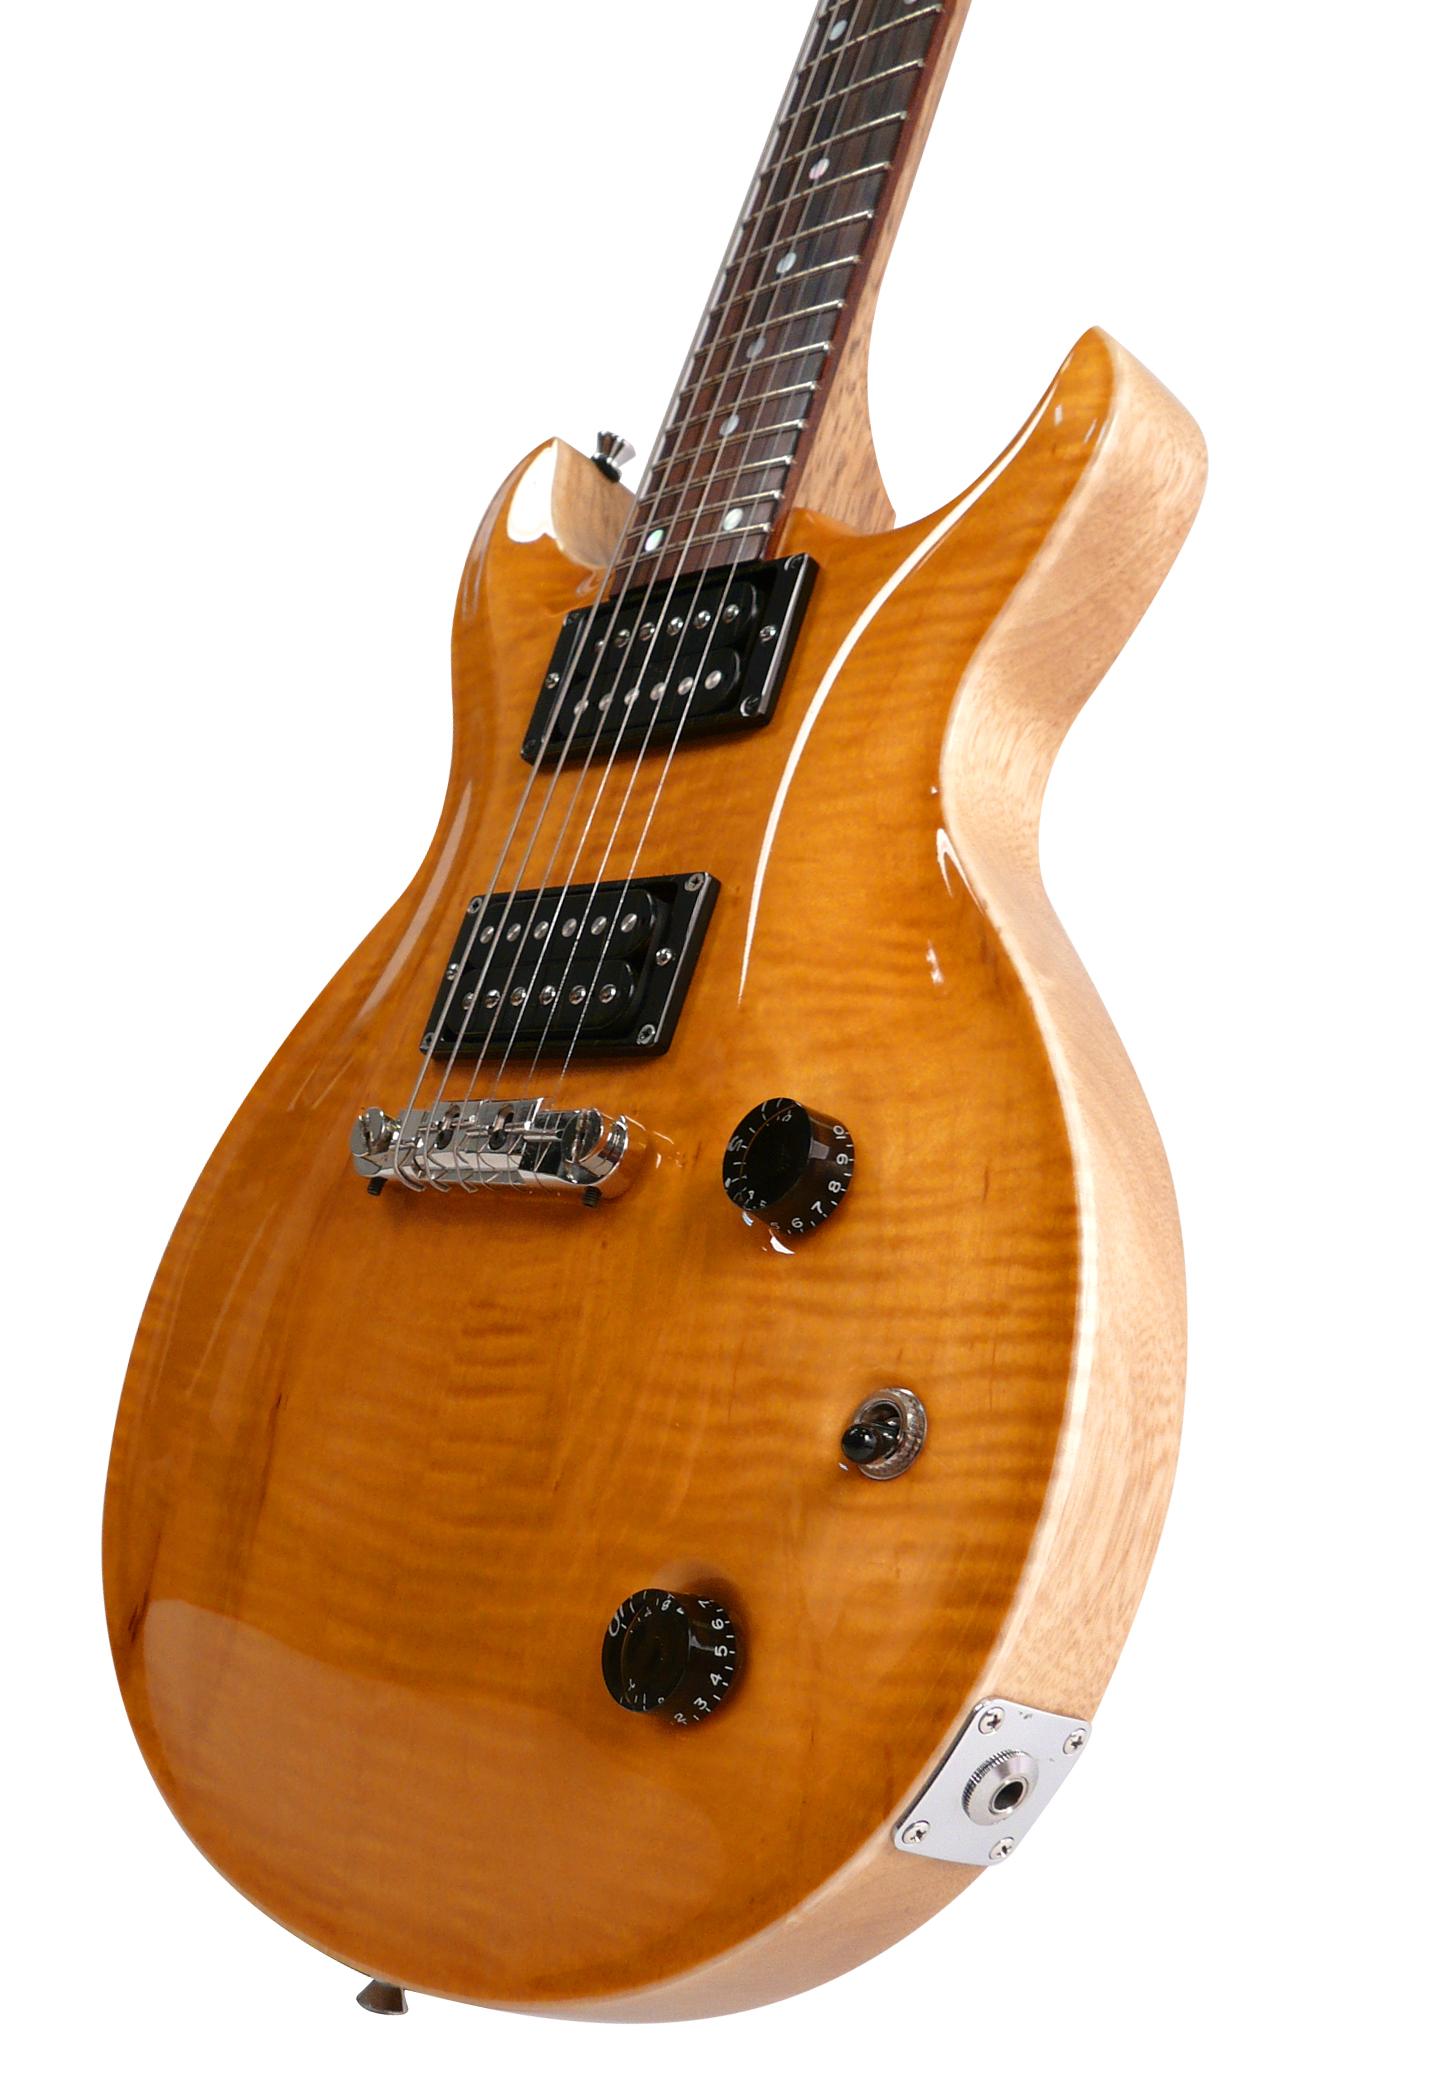 Santana    Chitarra set in ( manico incollato nel corpo).   Corpo e manico in corina, top in acero fiammato, tastiera palissandro.